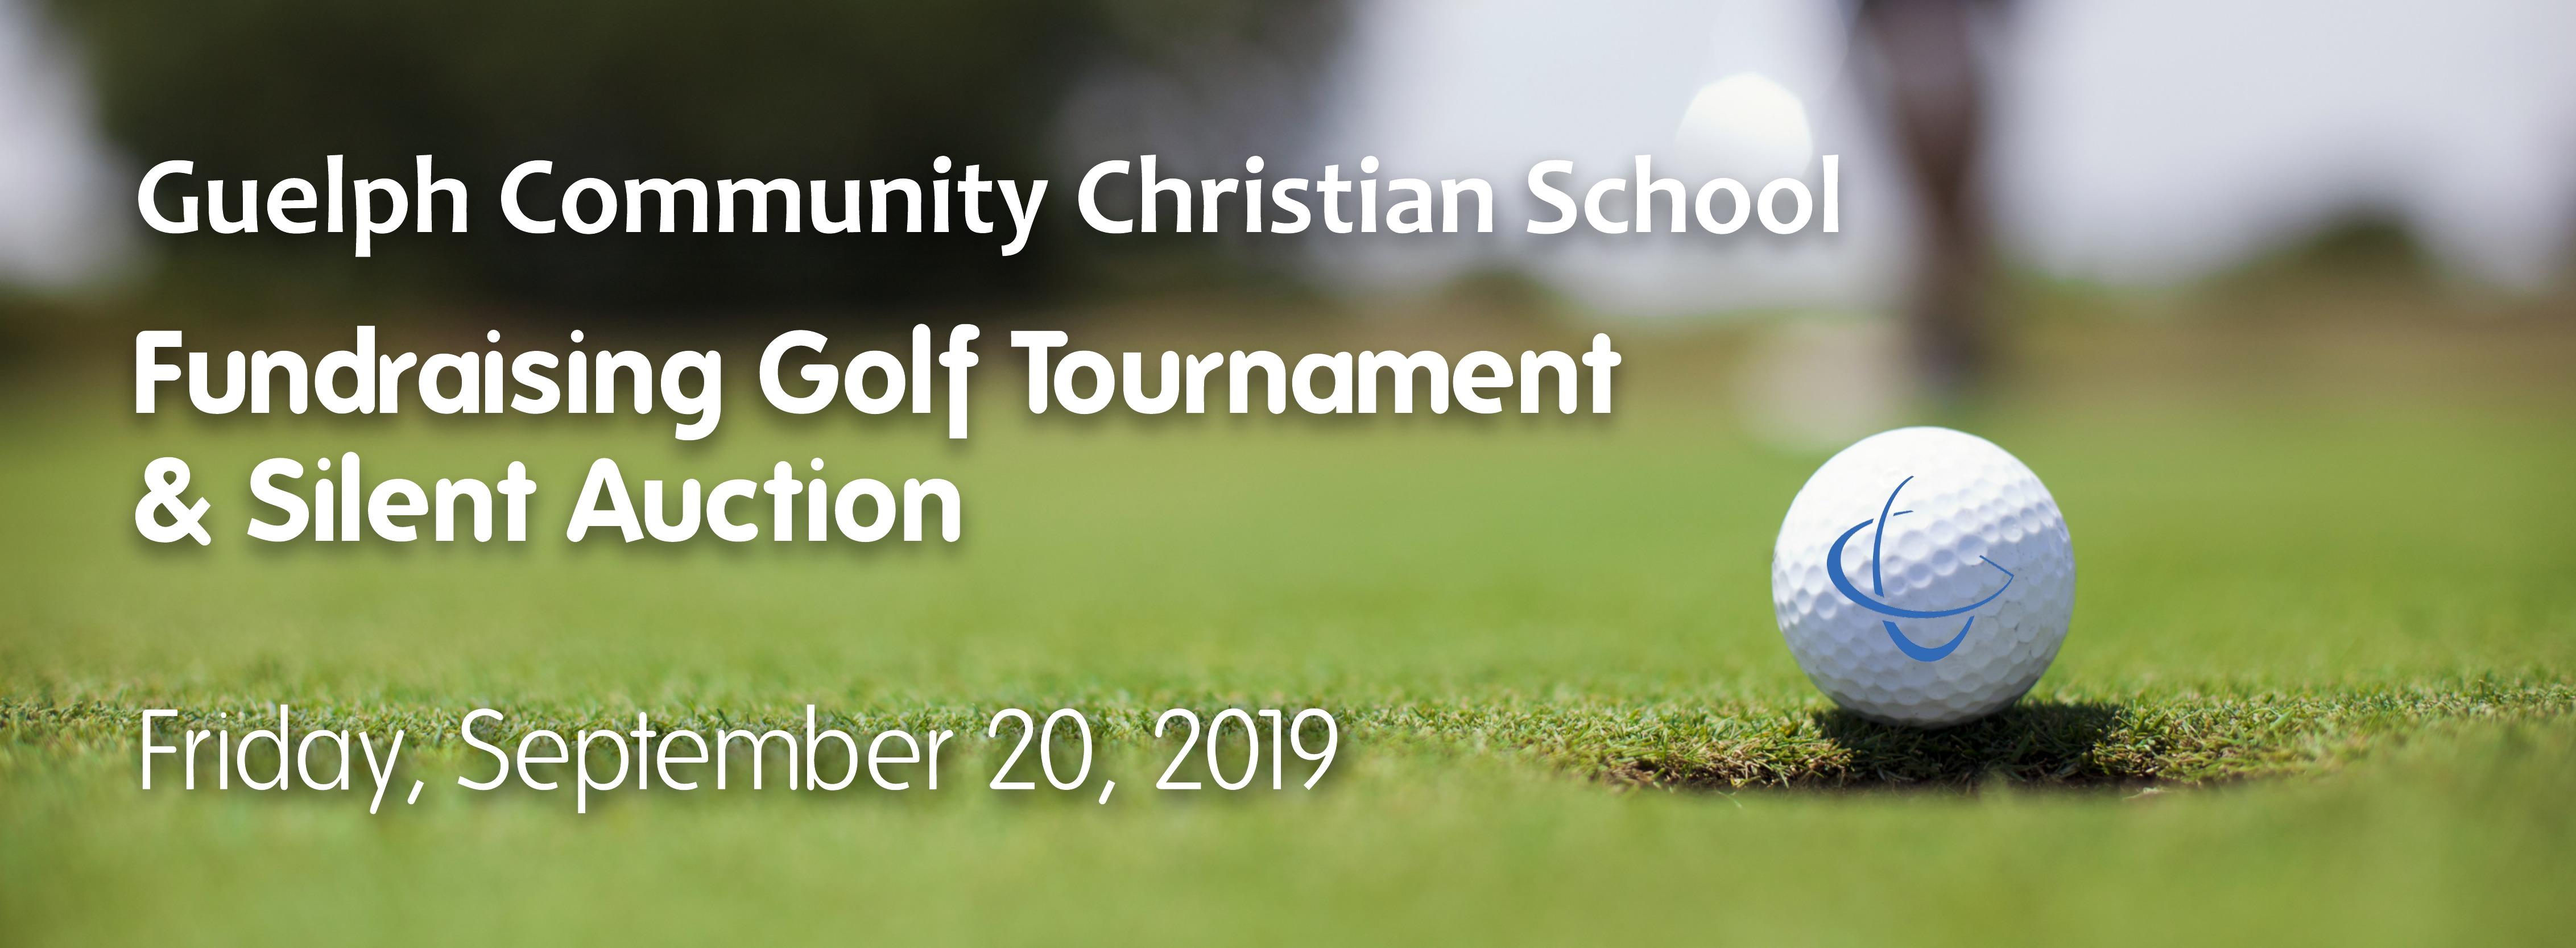 Golf Tournament Website 2019